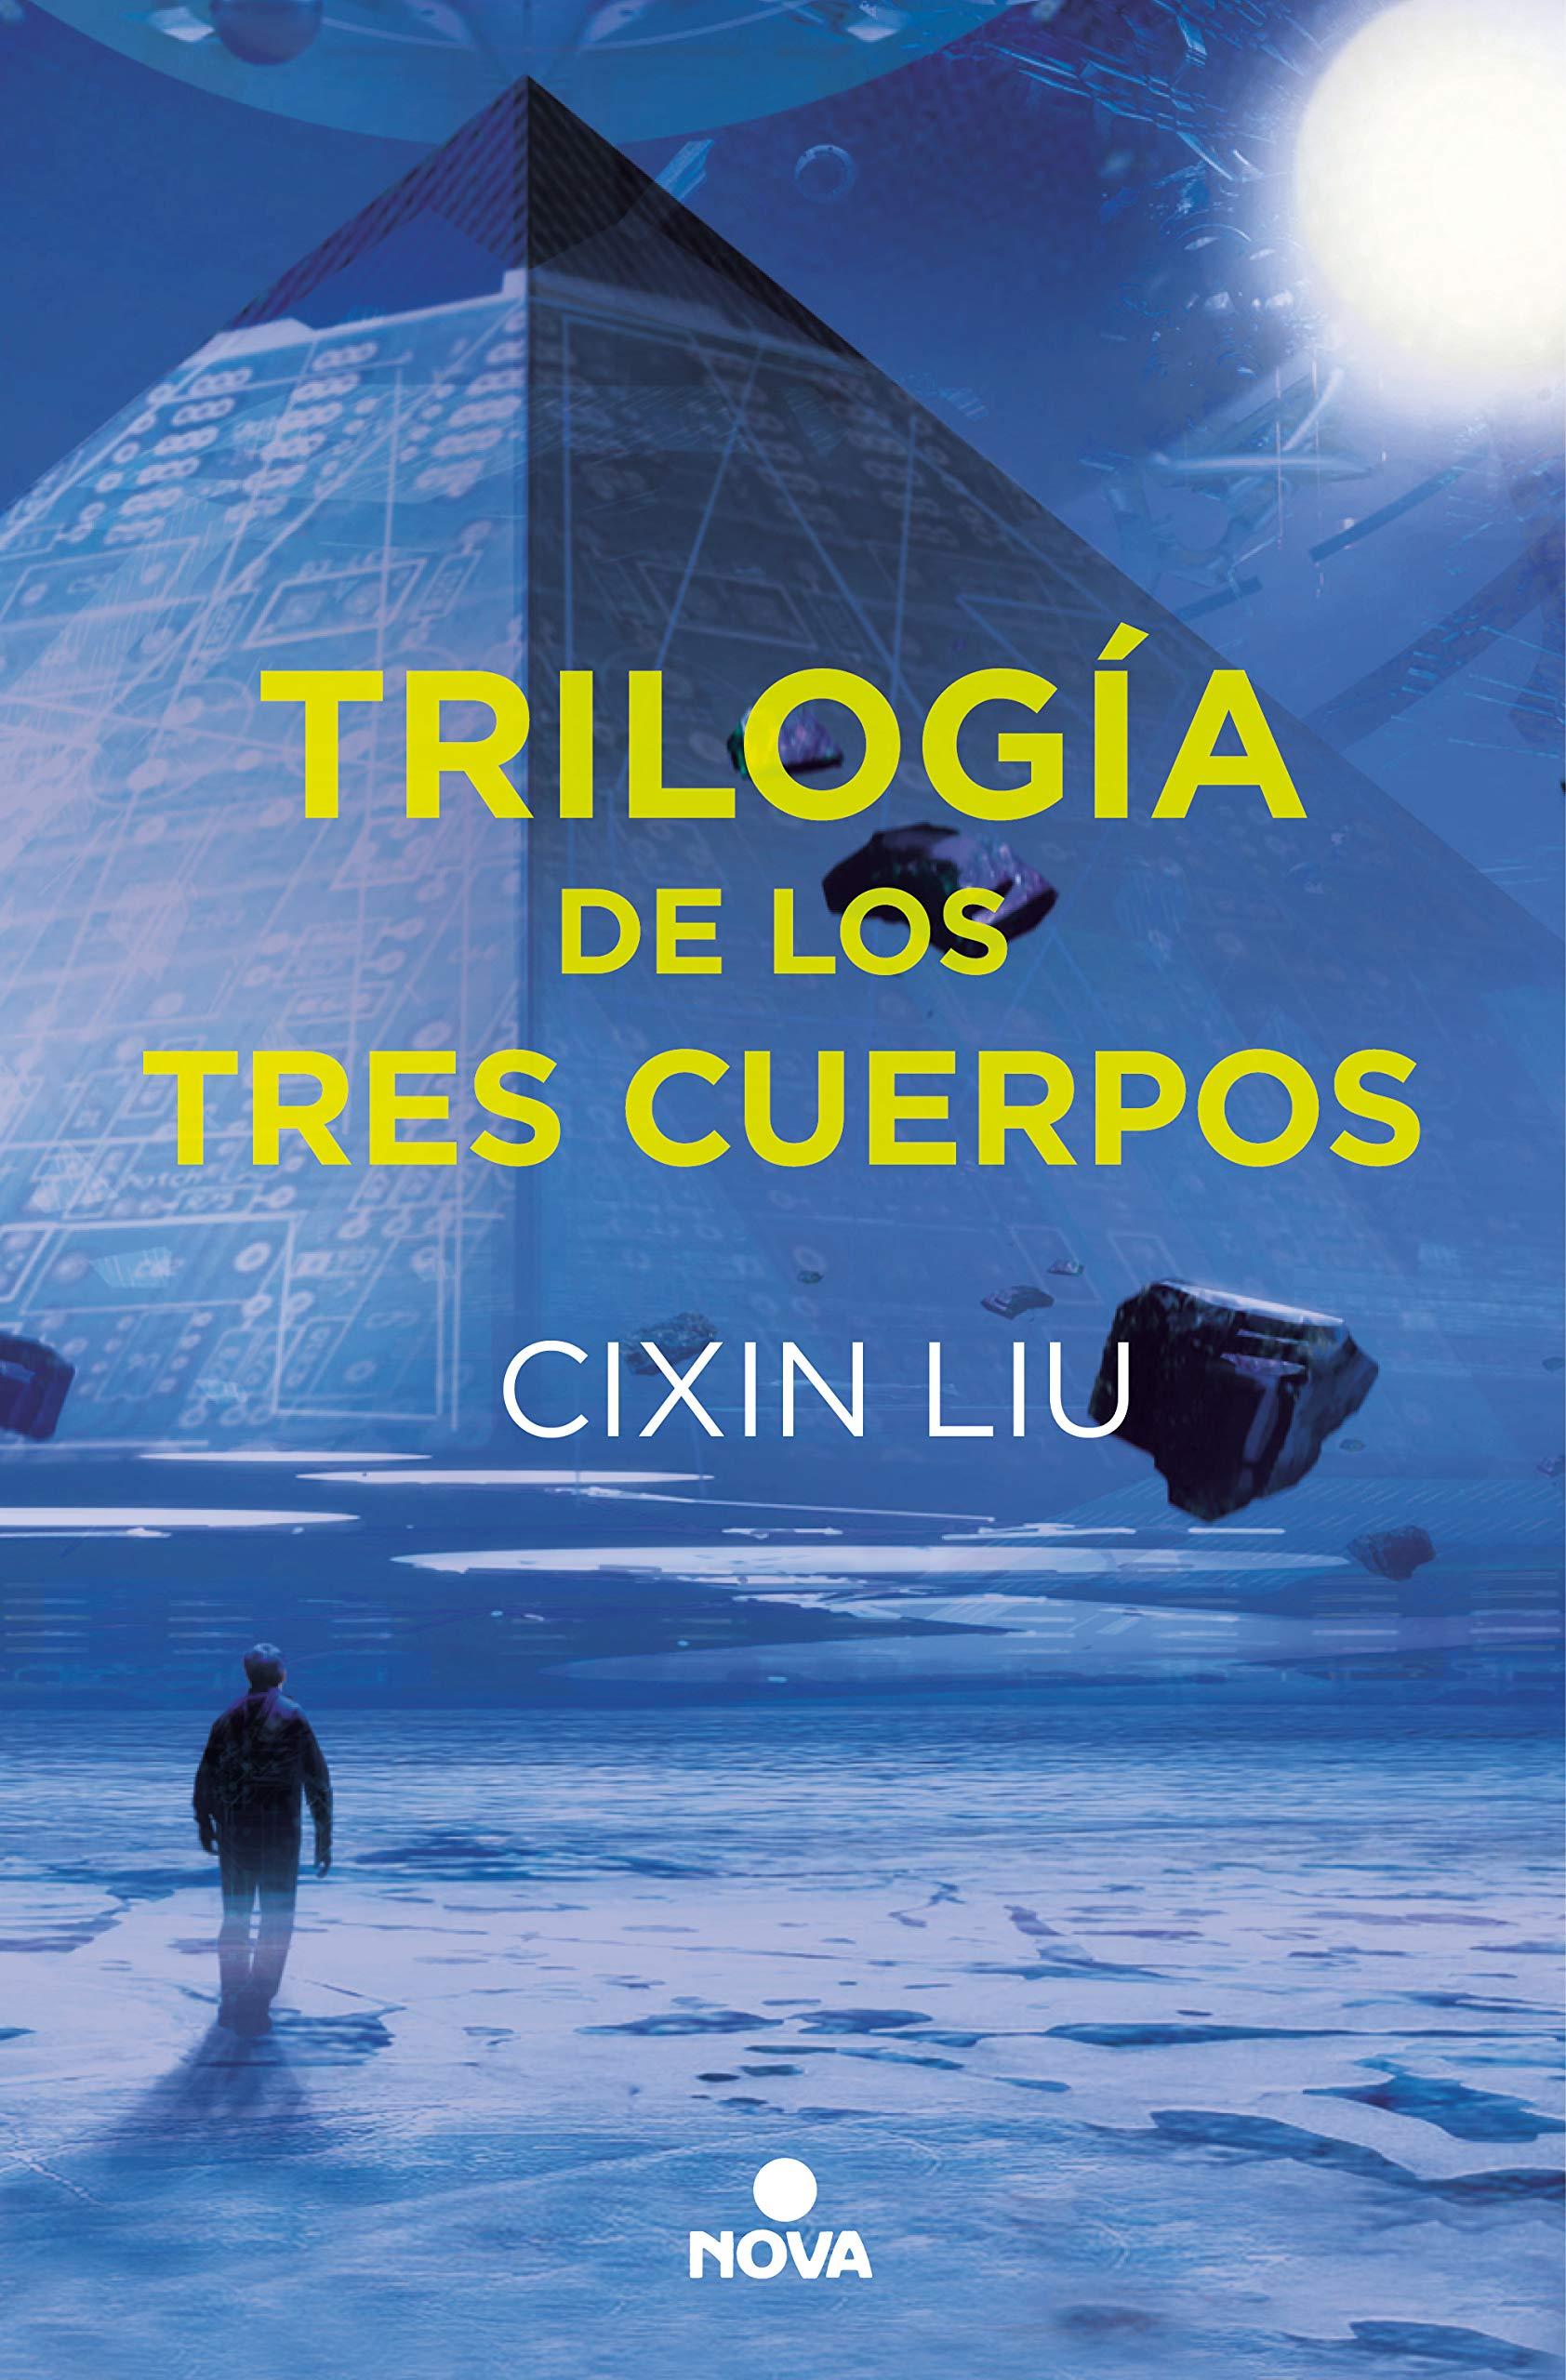 Trilogía de los Tres Cuerpos: Pack con: El problema de los tres cuerpos | El bosque oscuro | El fin de la muerte por Cixin Liu